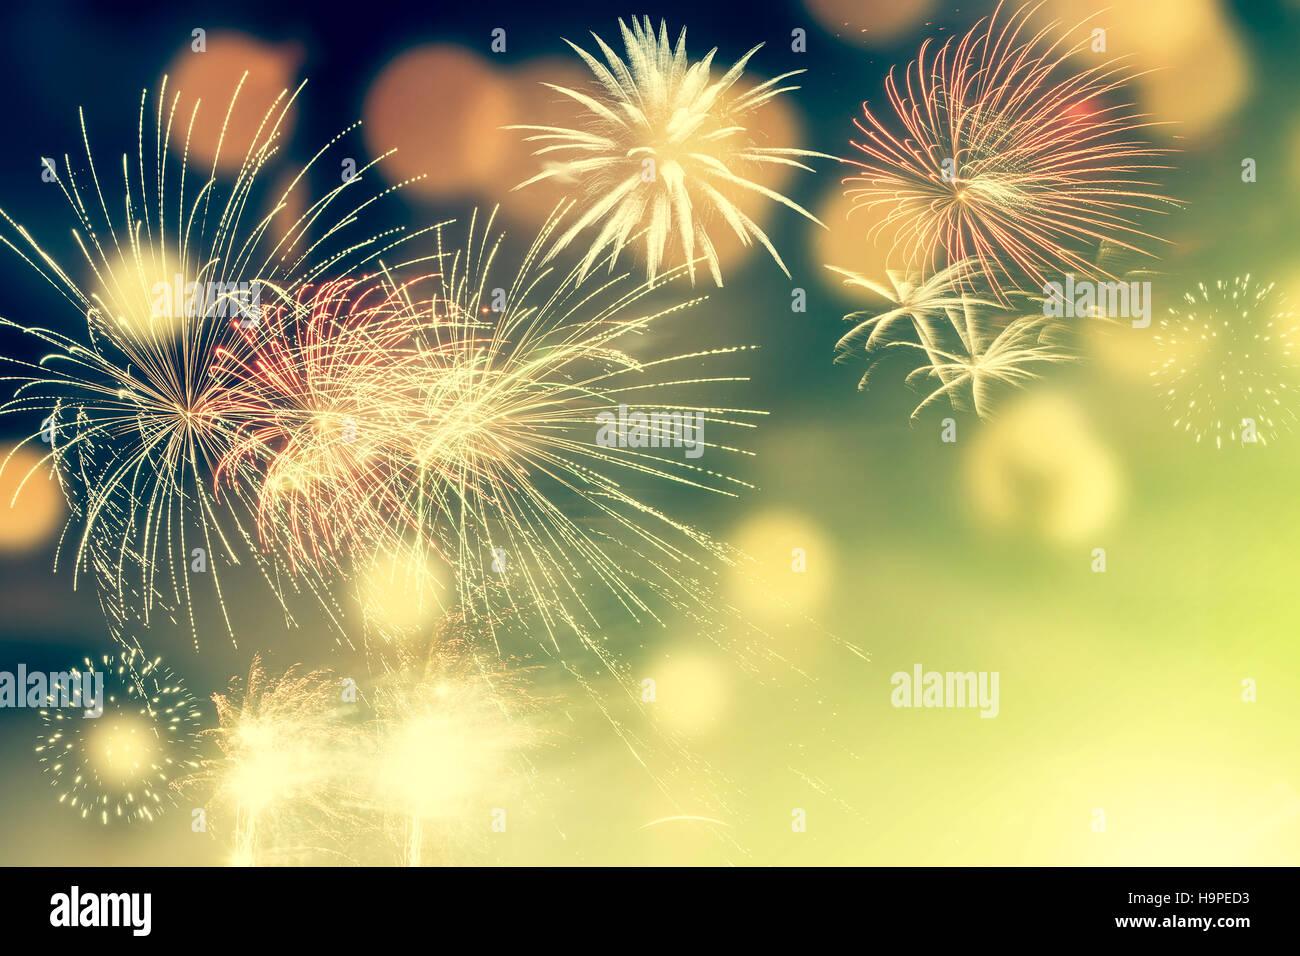 Fuegos artificiales en Año Nuevo y copiar el espacio abstracto - Fondo de vacaciones Foto de stock